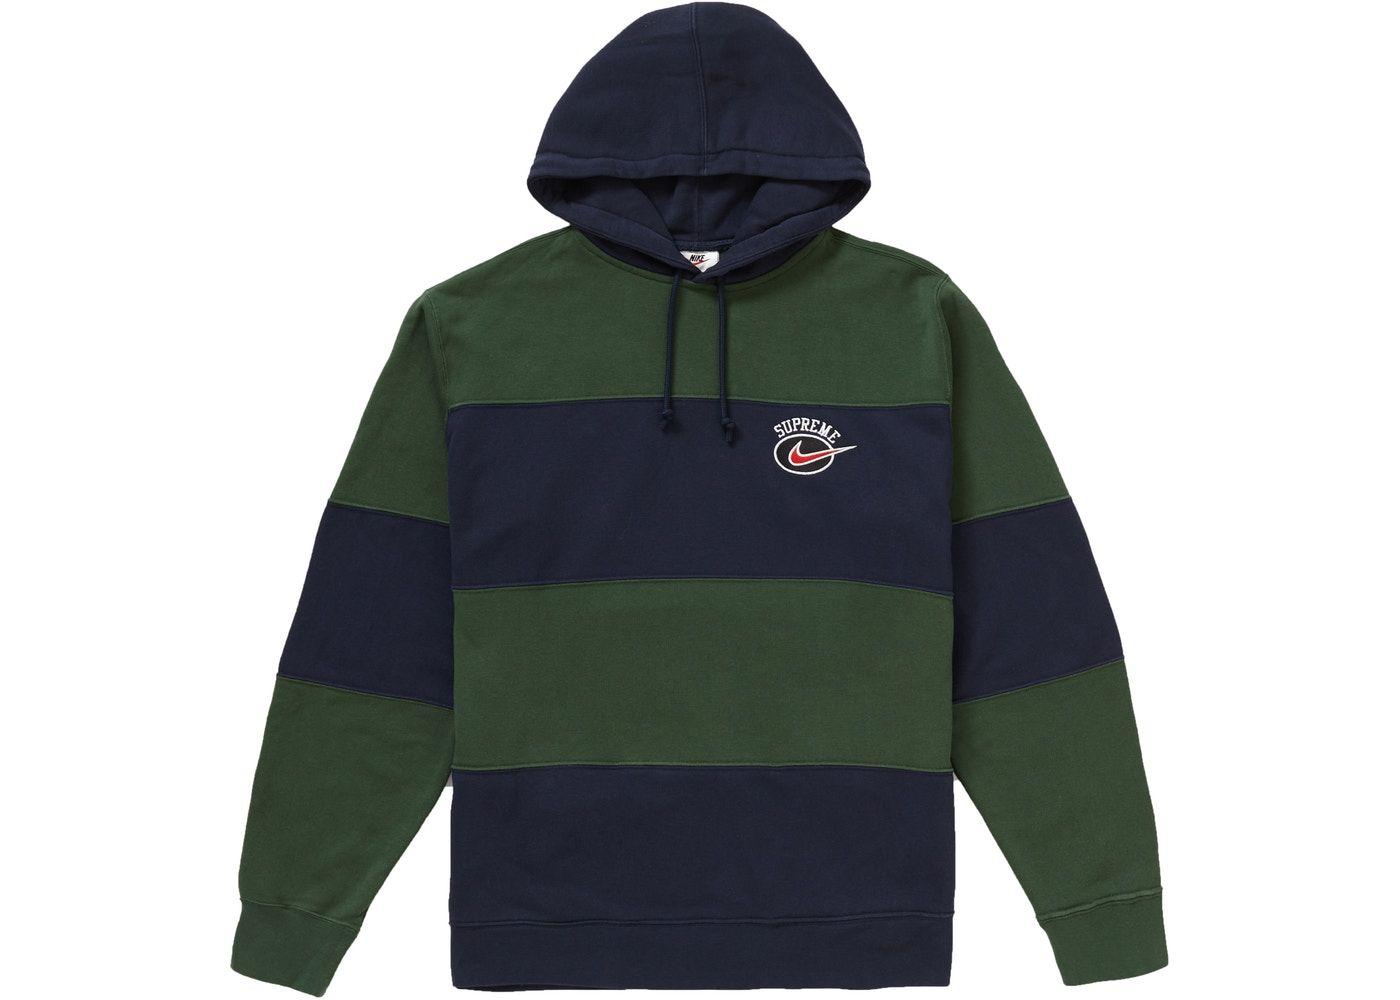 Supreme Nike Stripe Hooded Sweatshirt Navy In 2021 Hooded Sweatshirts Sweatshirts Hoodies Design [ 1000 x 1400 Pixel ]